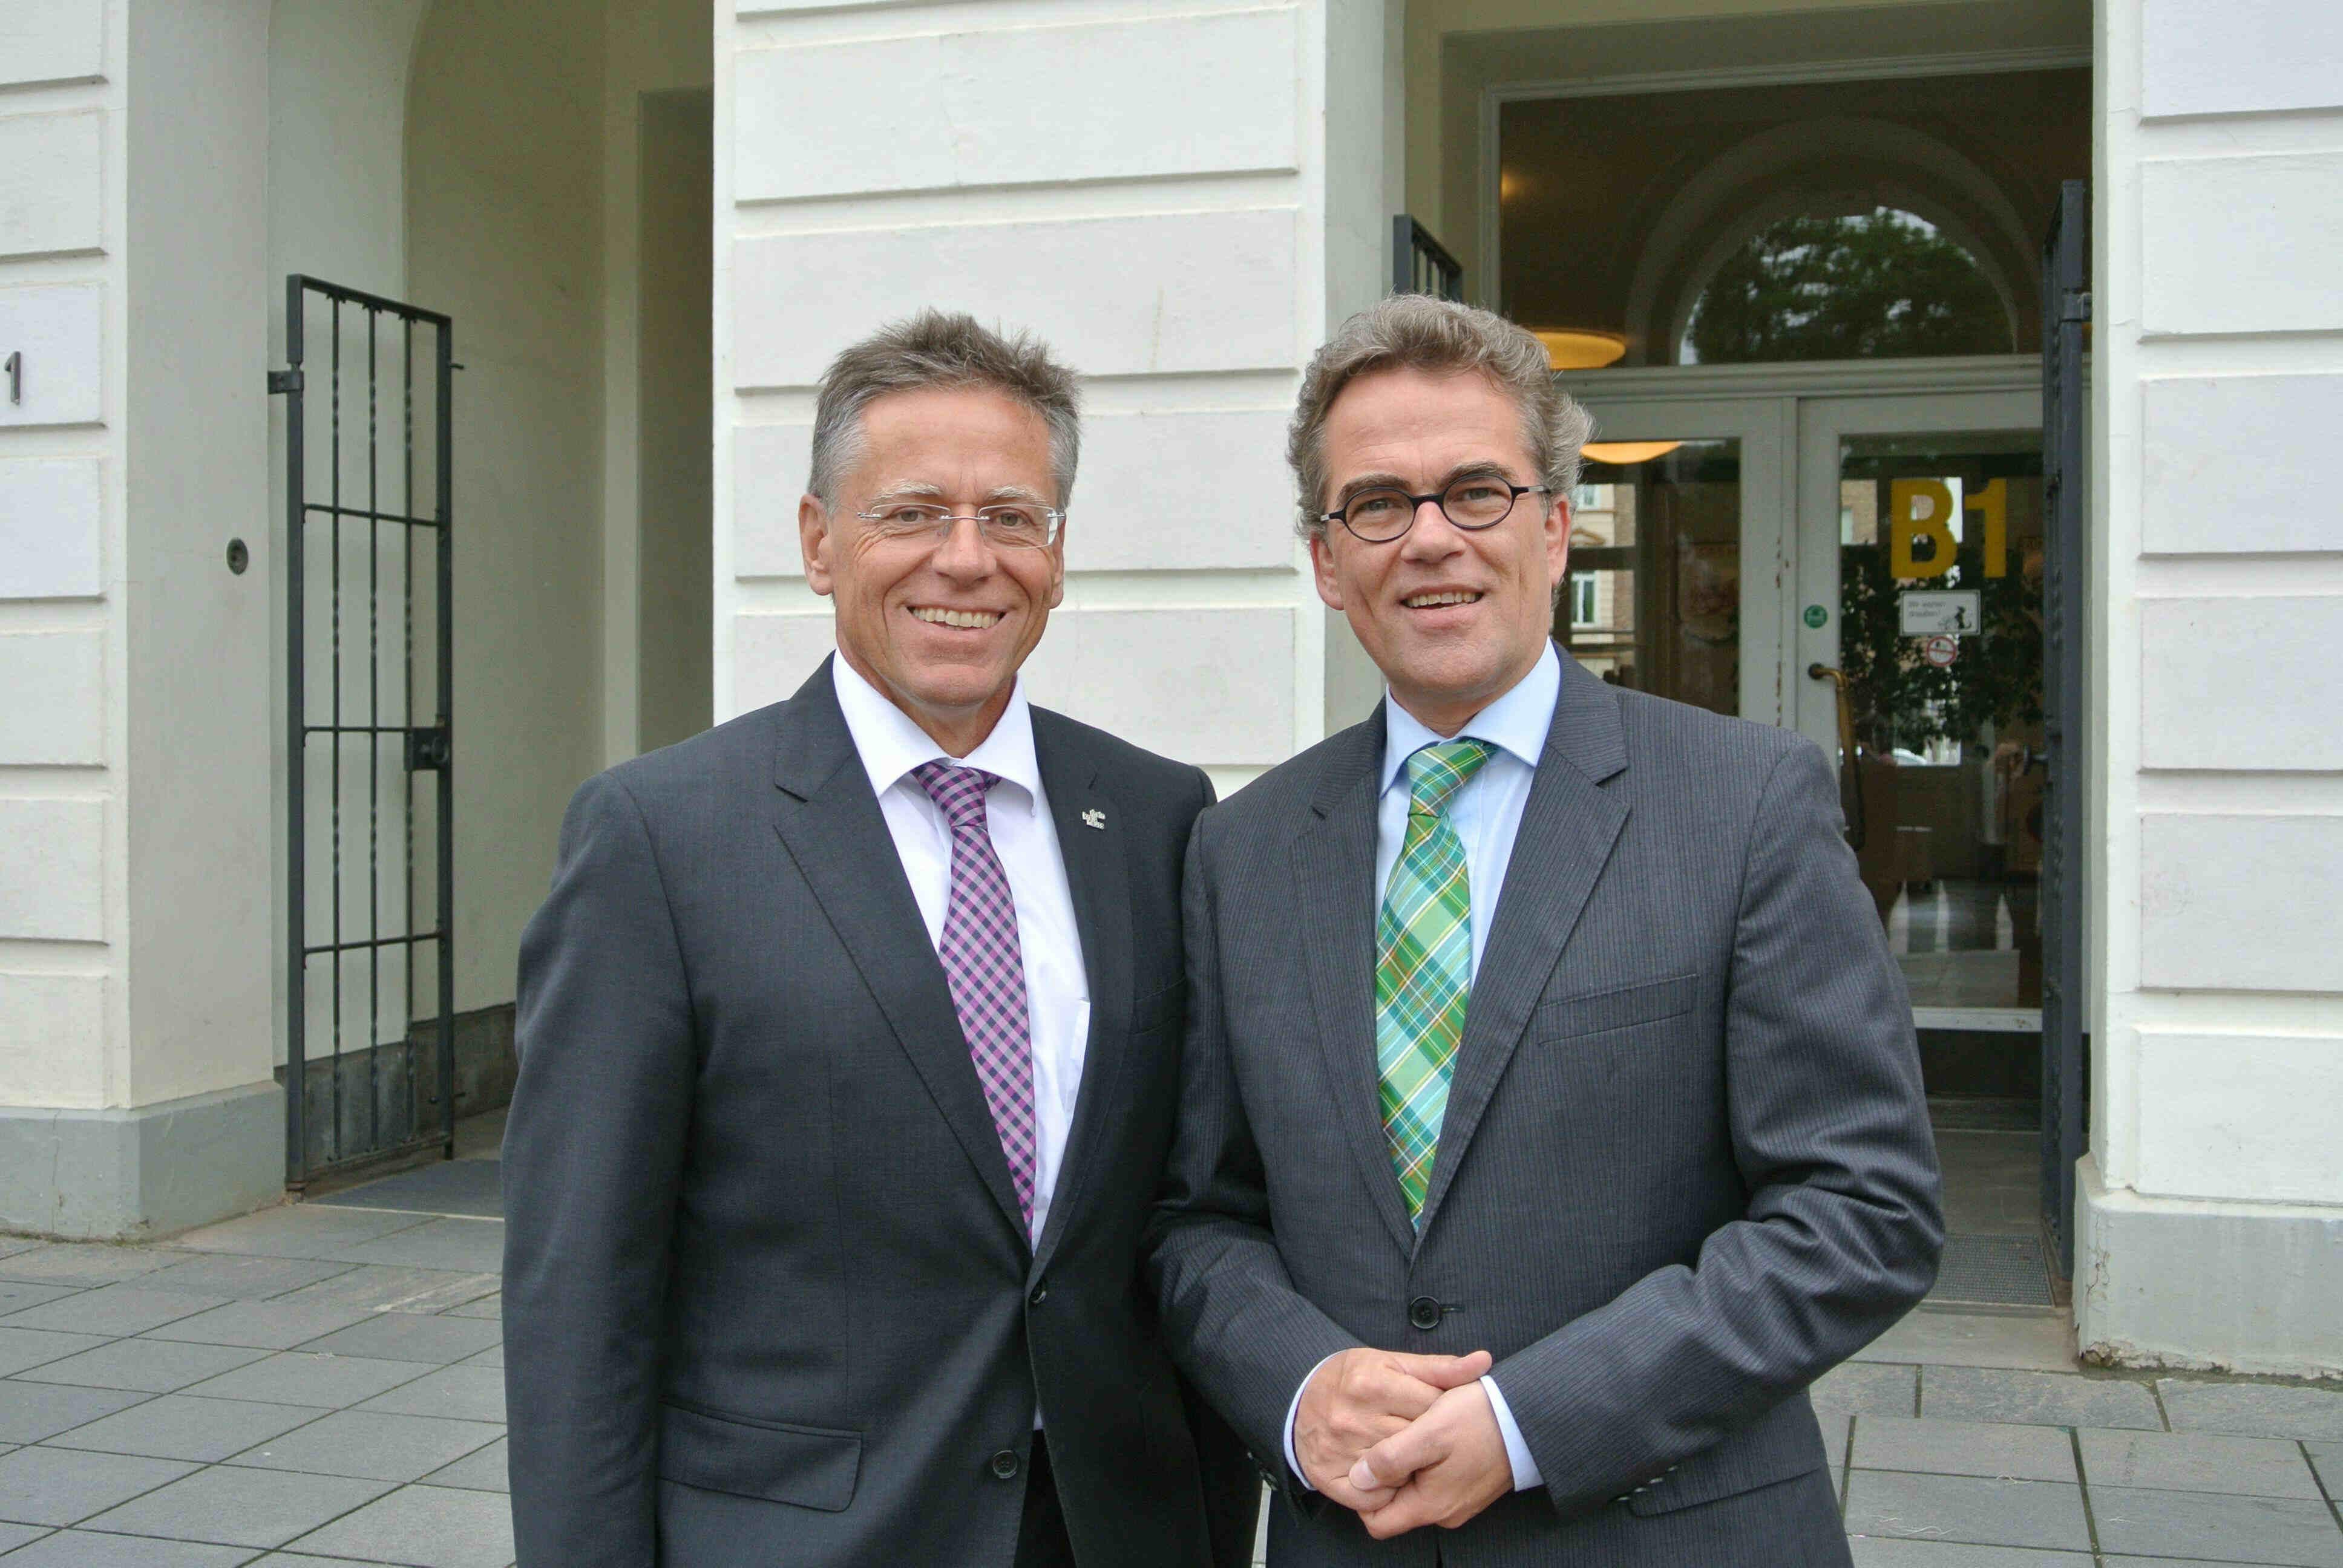 Landrat Hans-Jürgen Petrauschke (l.) folgt auf Oberbürgermeister Gregor Kathstede als Vorsitzender der Standort Niederrhein GmbH.